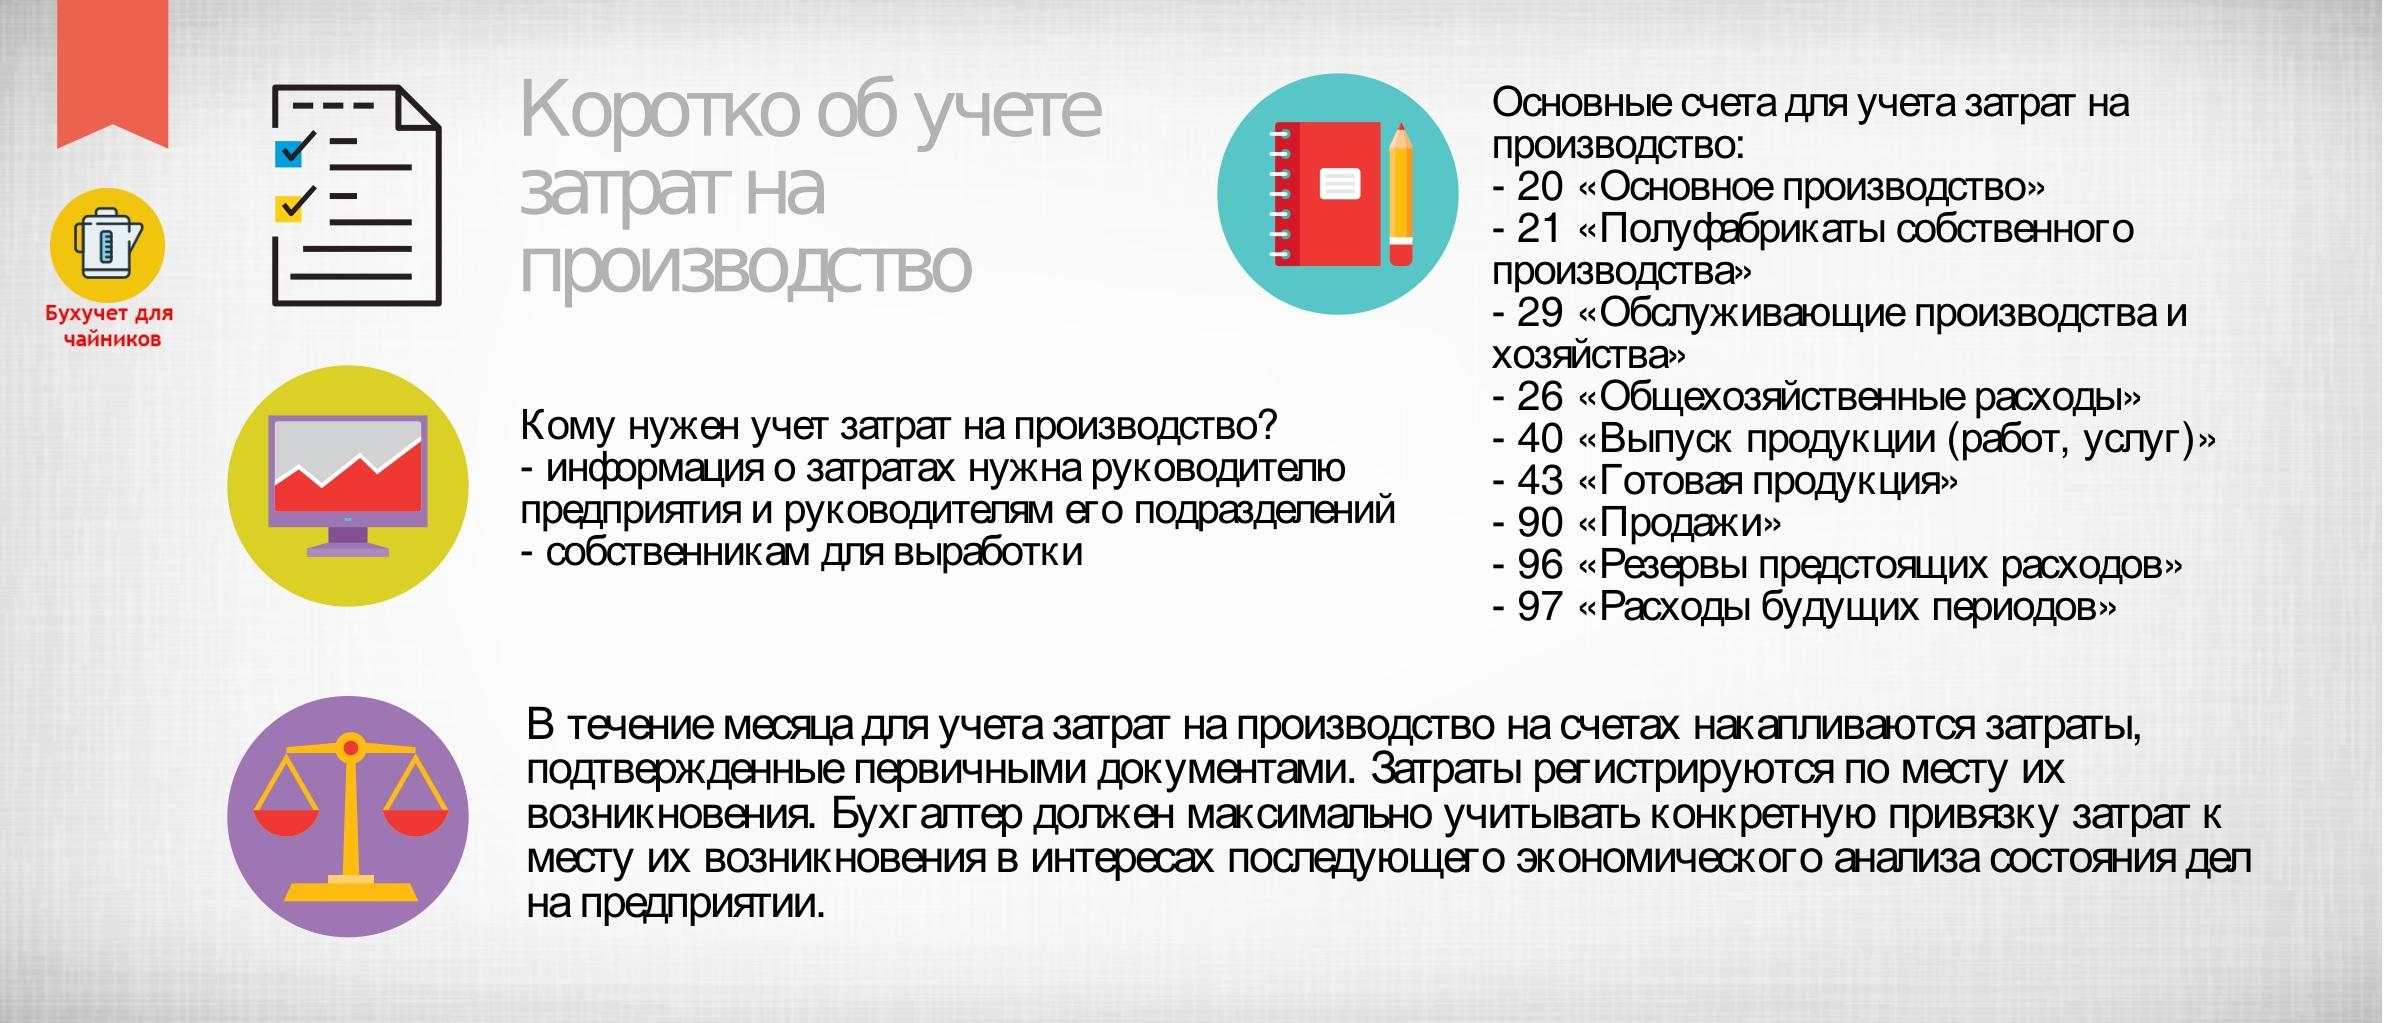 Кратко об учете затрат на производстве: инфографика